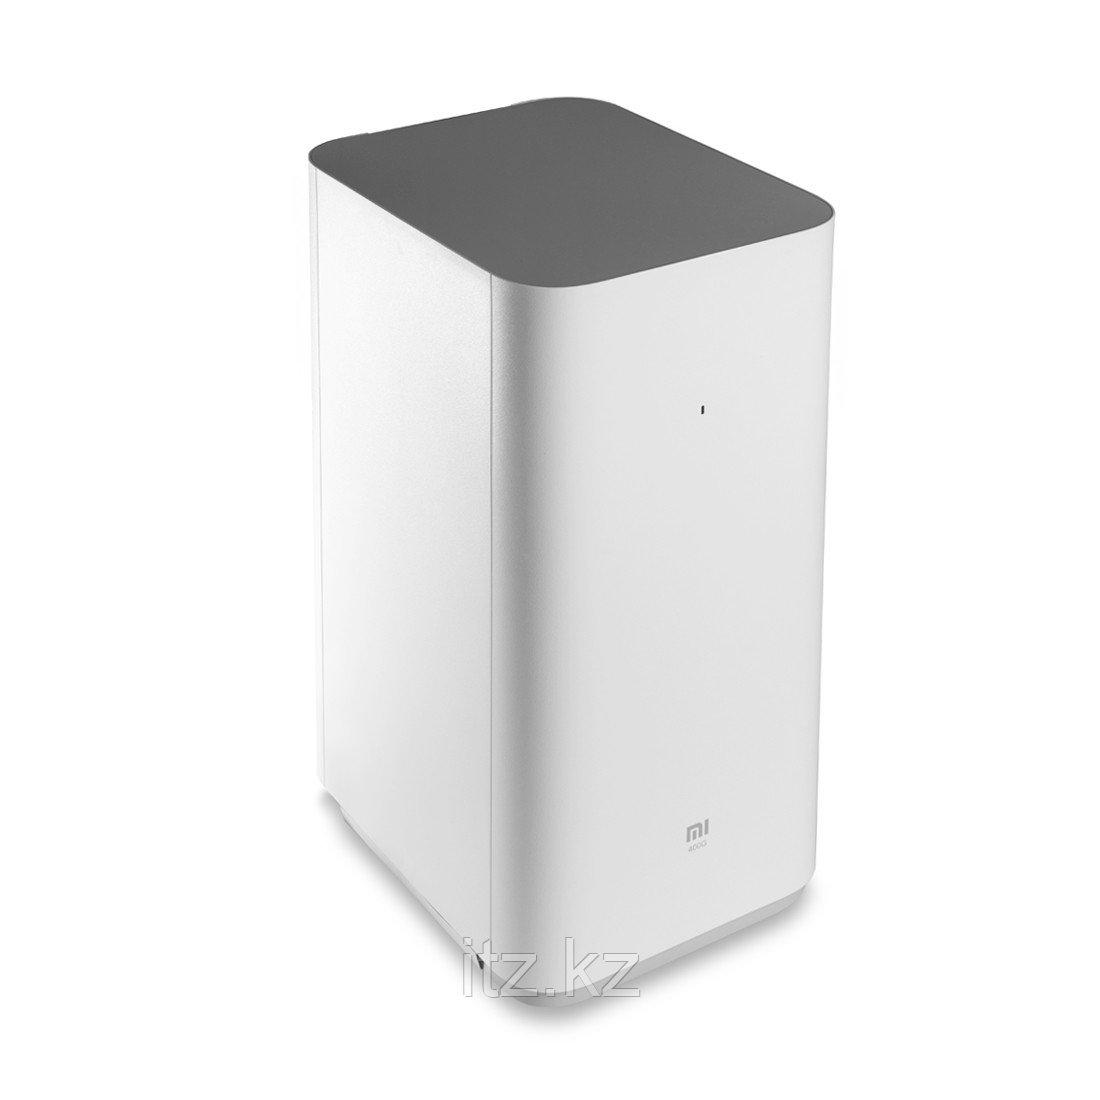 Очиститель воды Mi Water Purifier (400G) (Above Sink) Enhanced edition